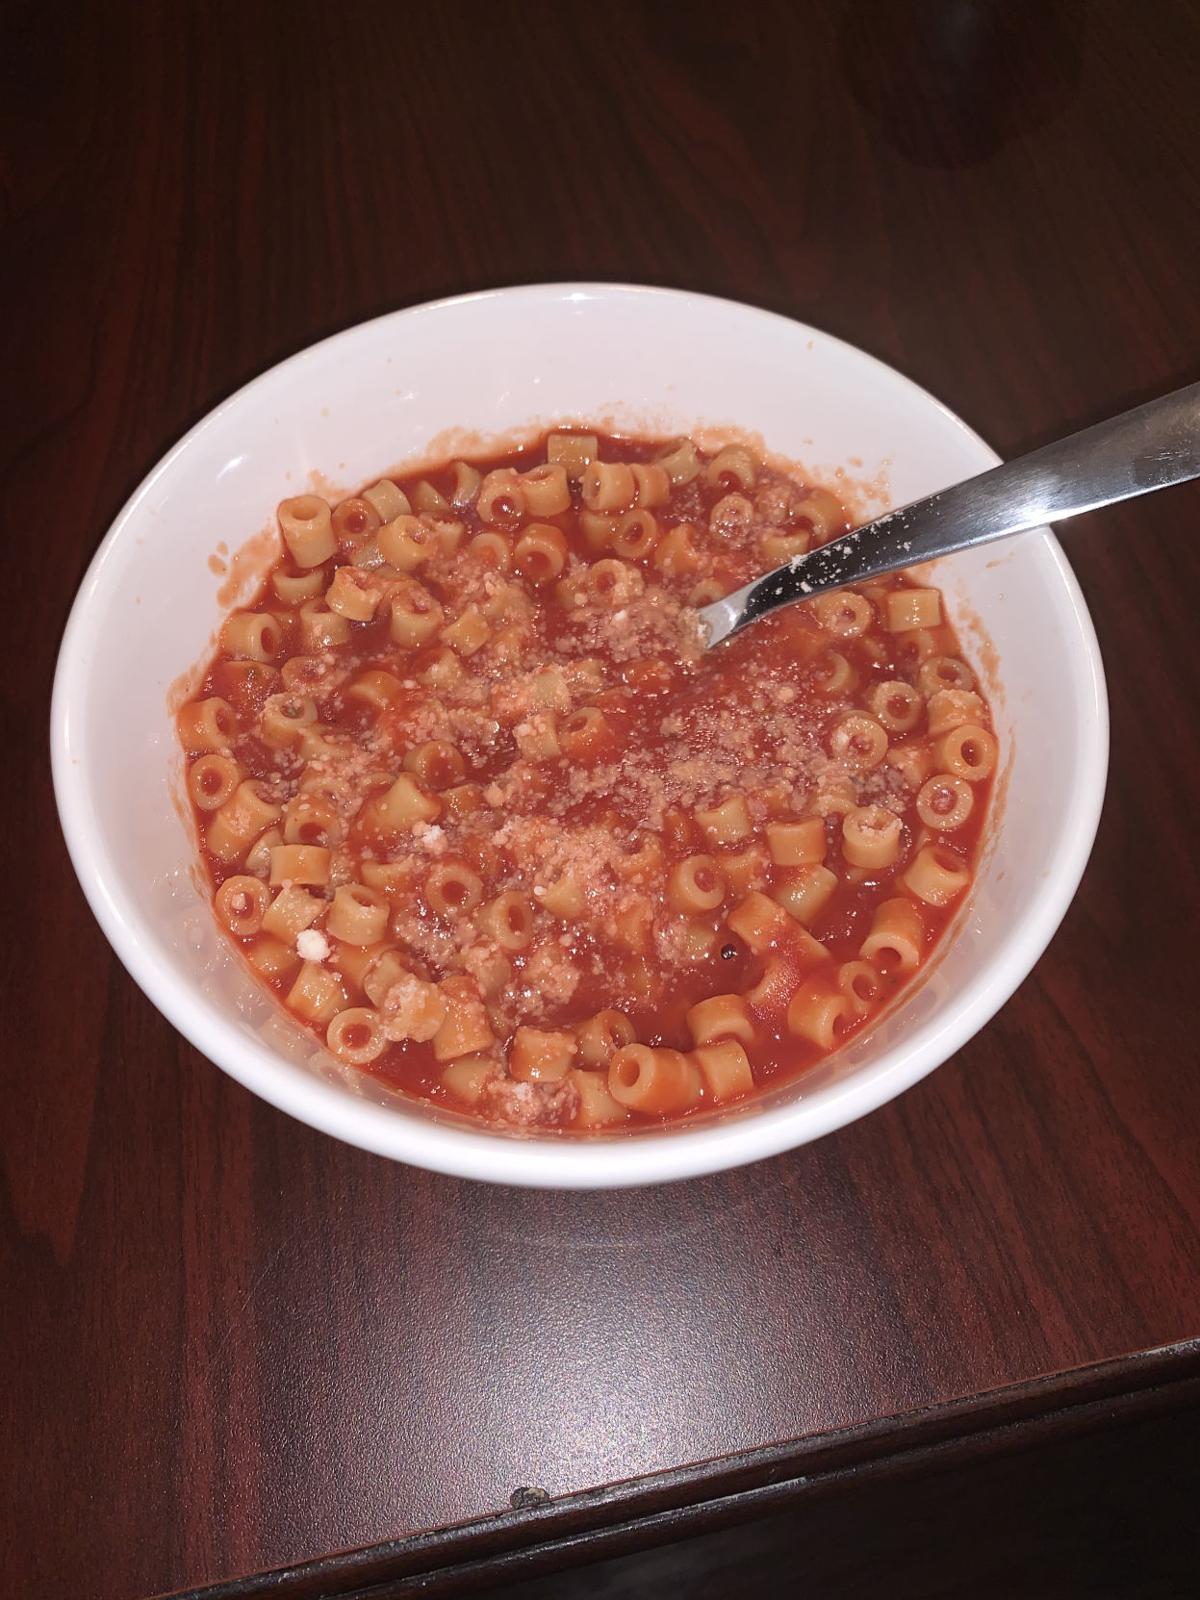 Homemade spaghettis